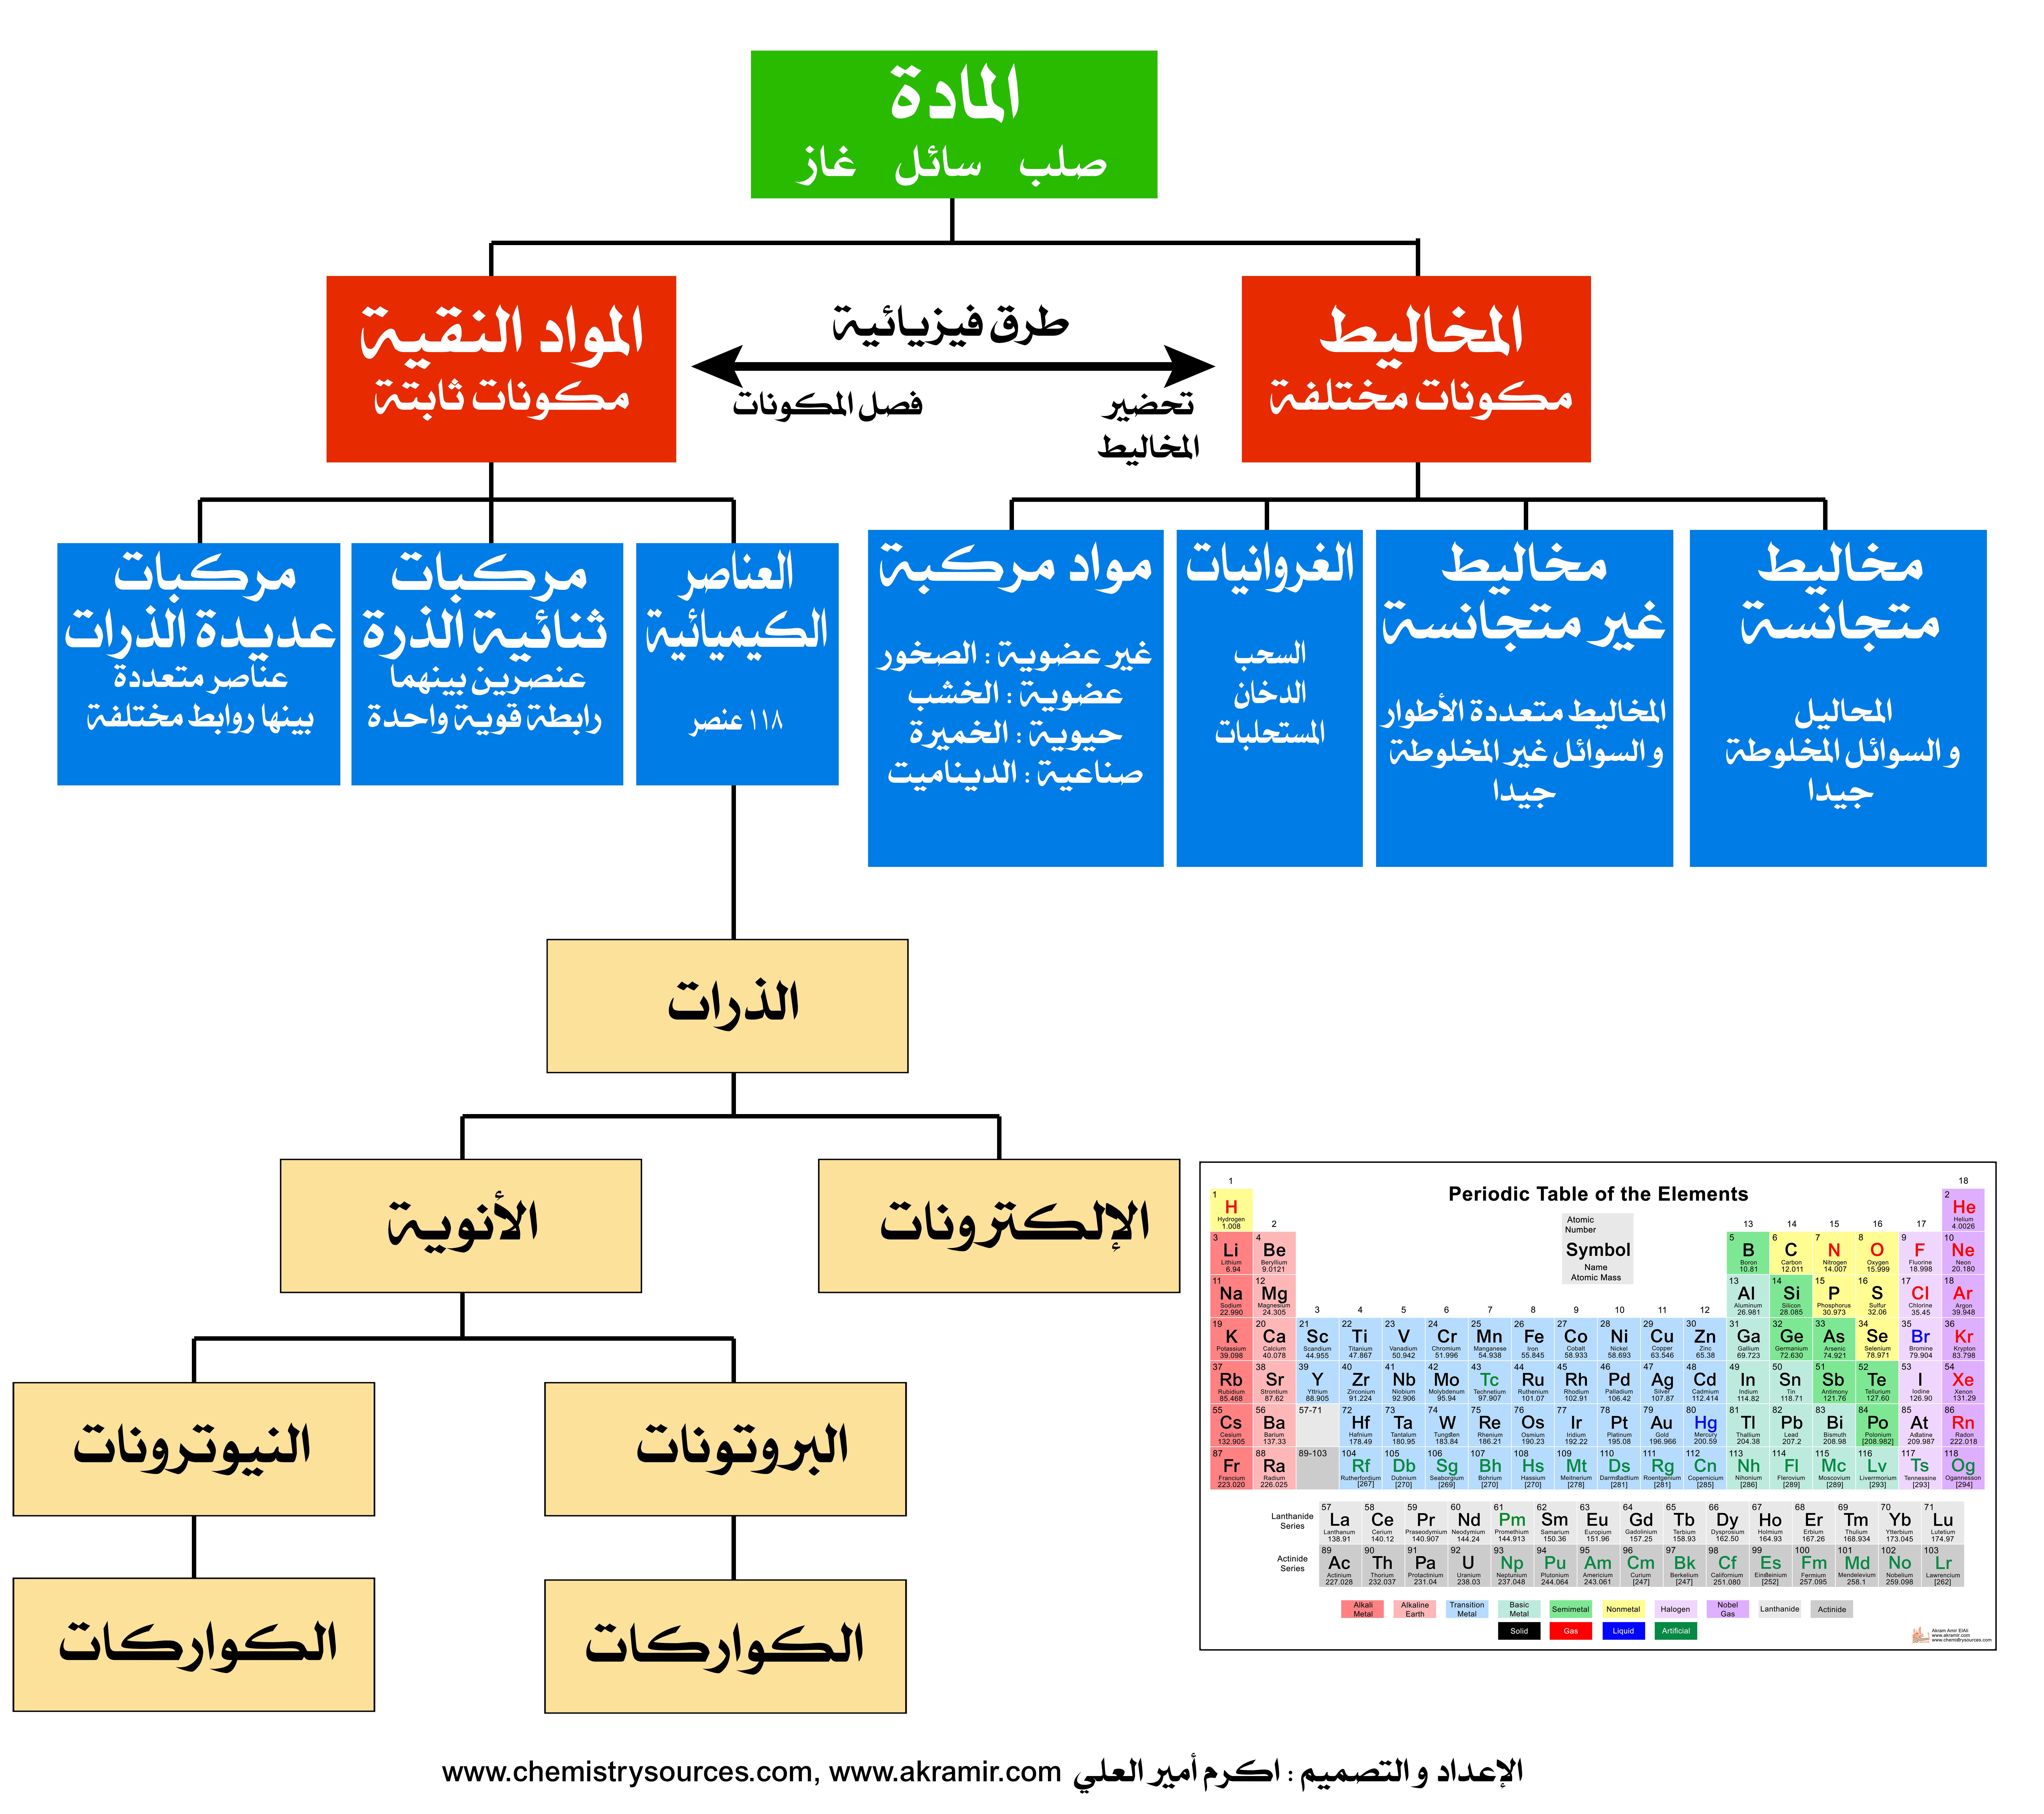 لوحات (بوسترات) كيميائية (15) - تصنيف المادة